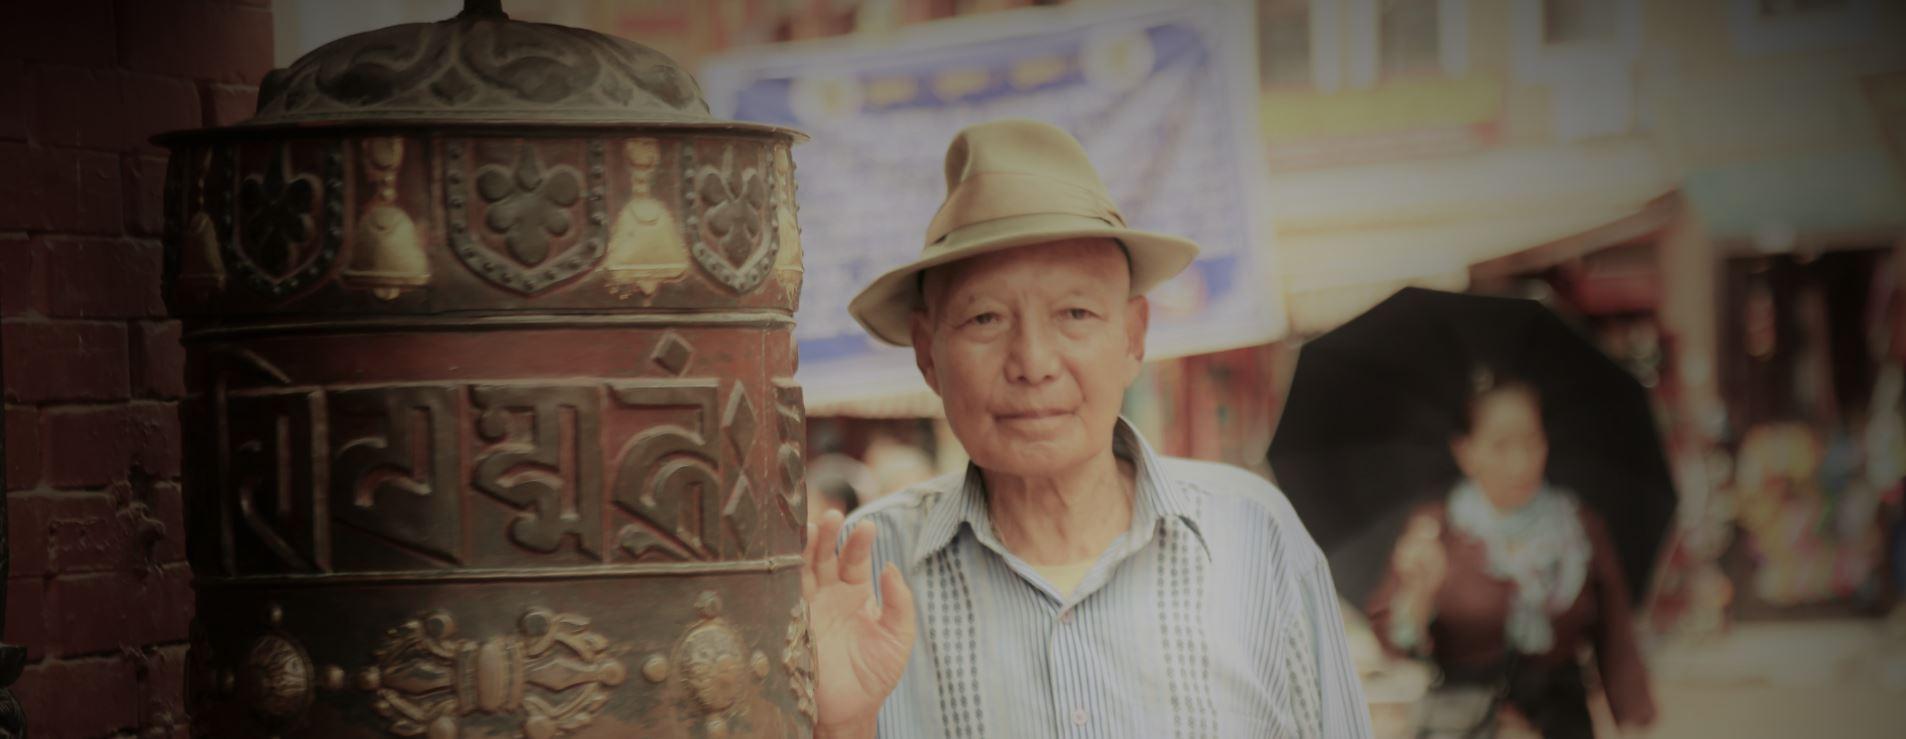 moulin à prière tibet achat paris